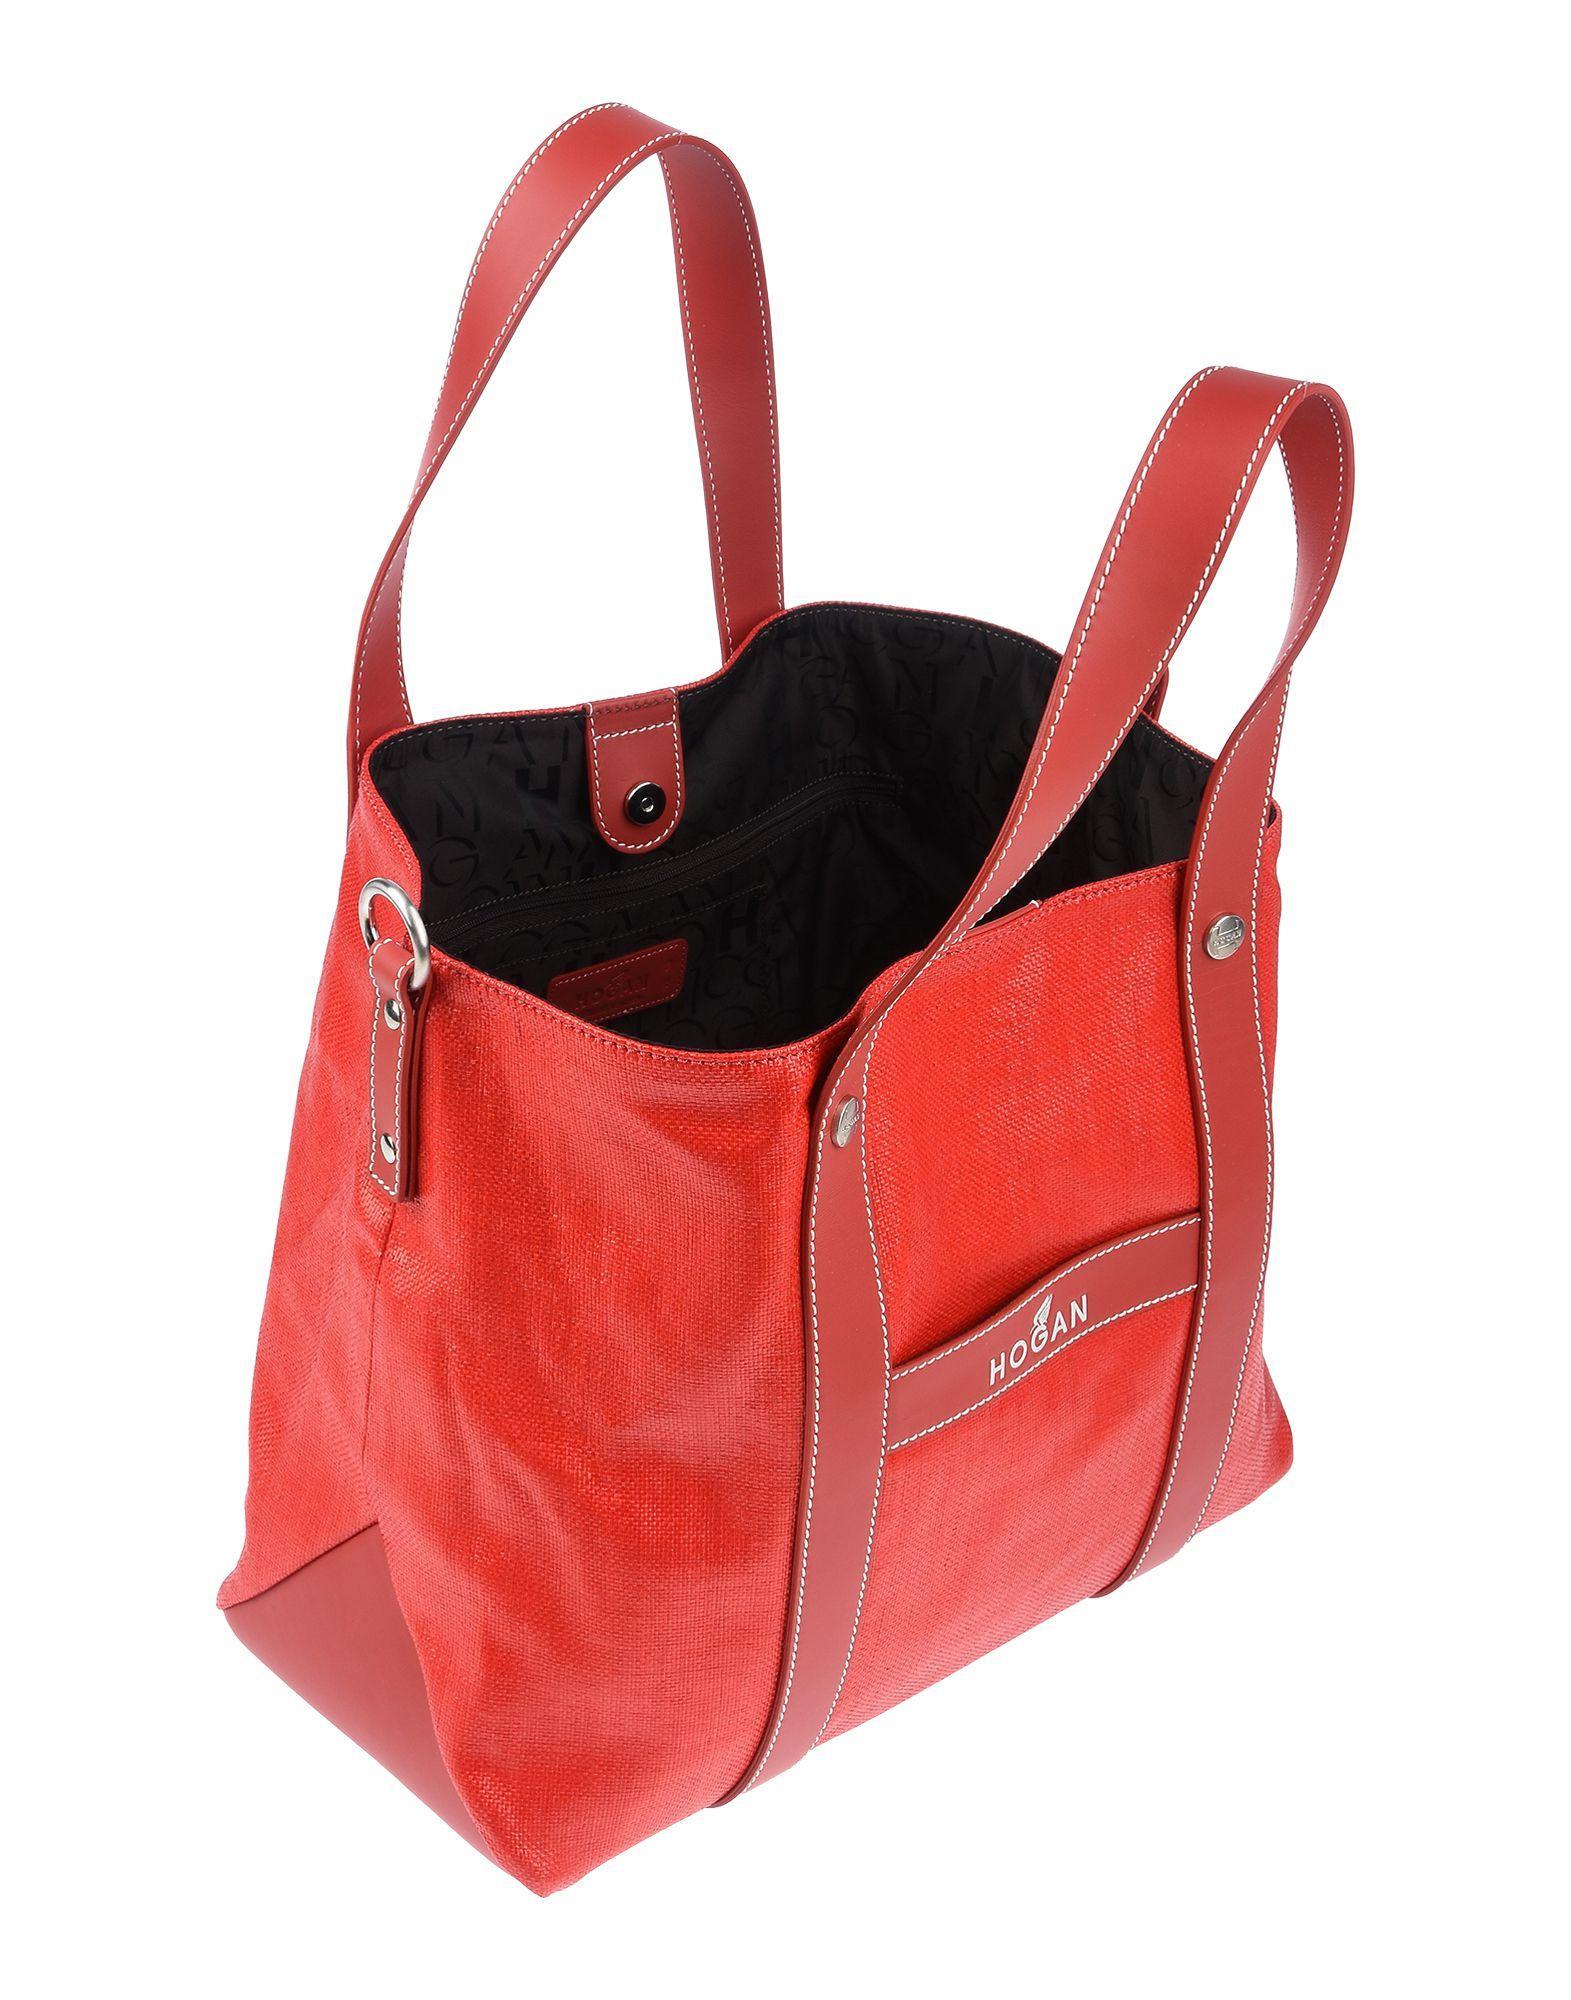 99ca52fb498 Lyst - Hogan Handbag in Red